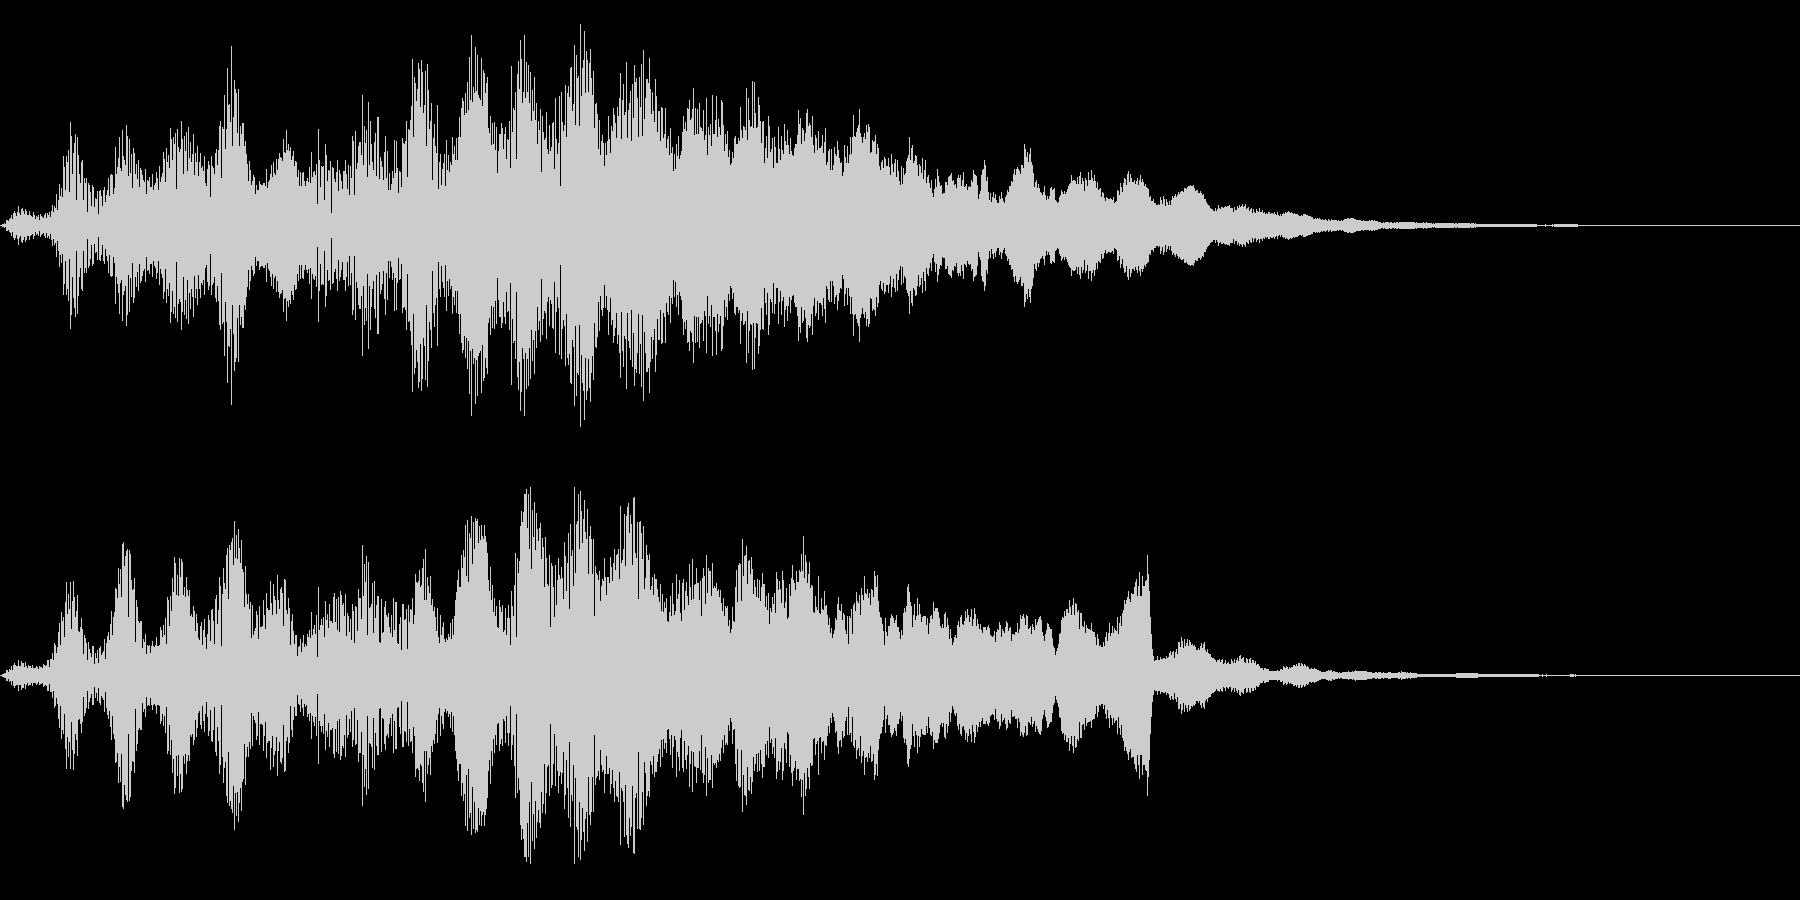 シンセ+ピアノ逆再生サウンドロゴの未再生の波形